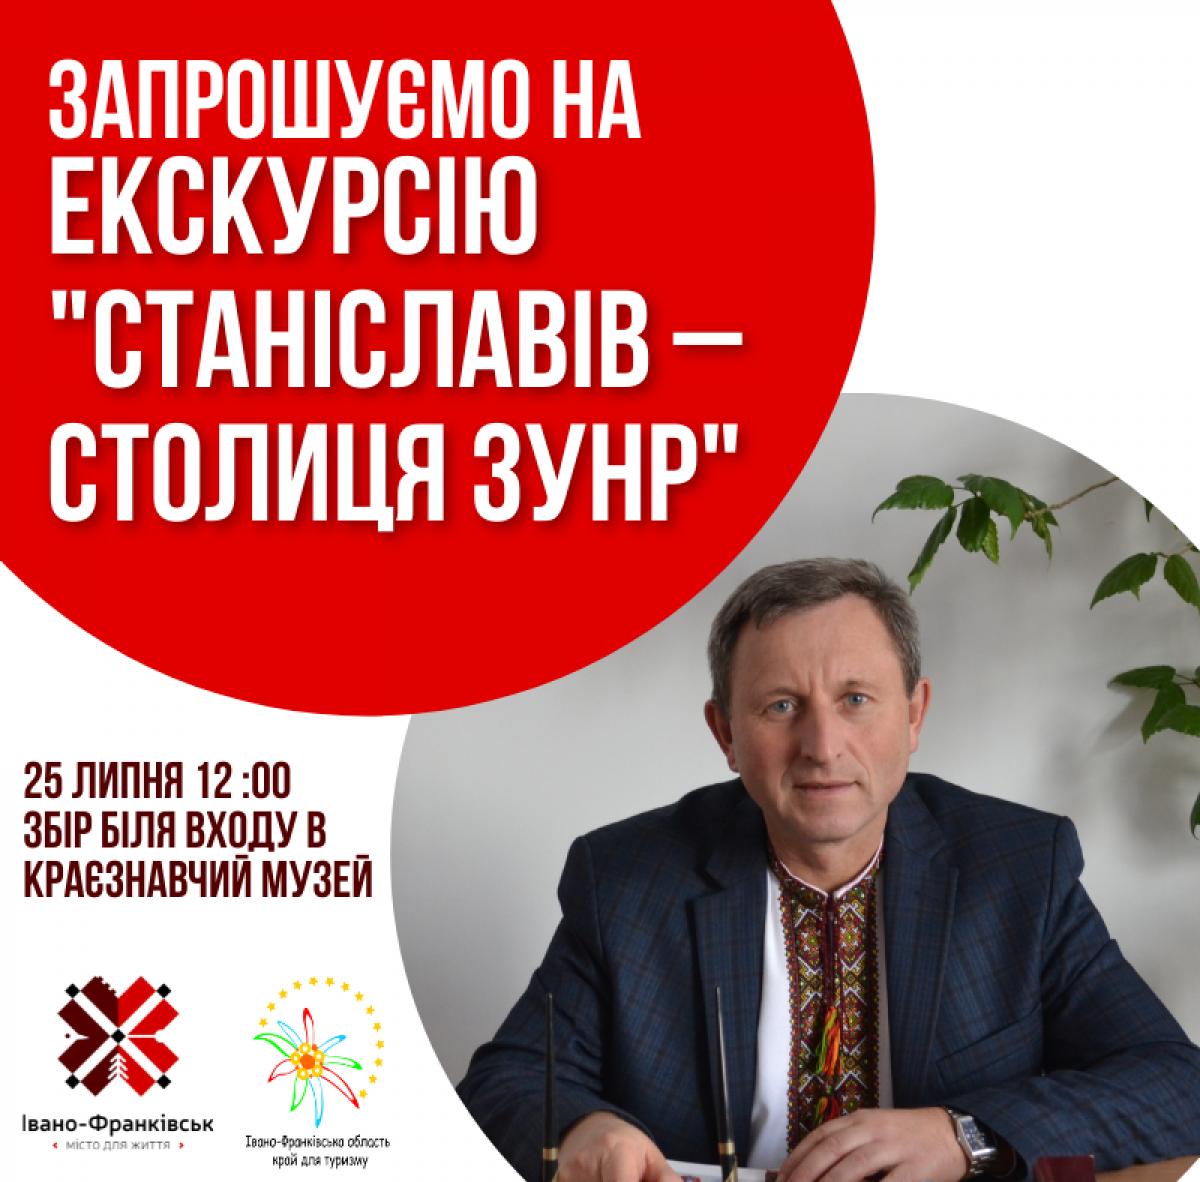 Запрошуємо познайомитись зі Станіславовом часів ЗУНР!